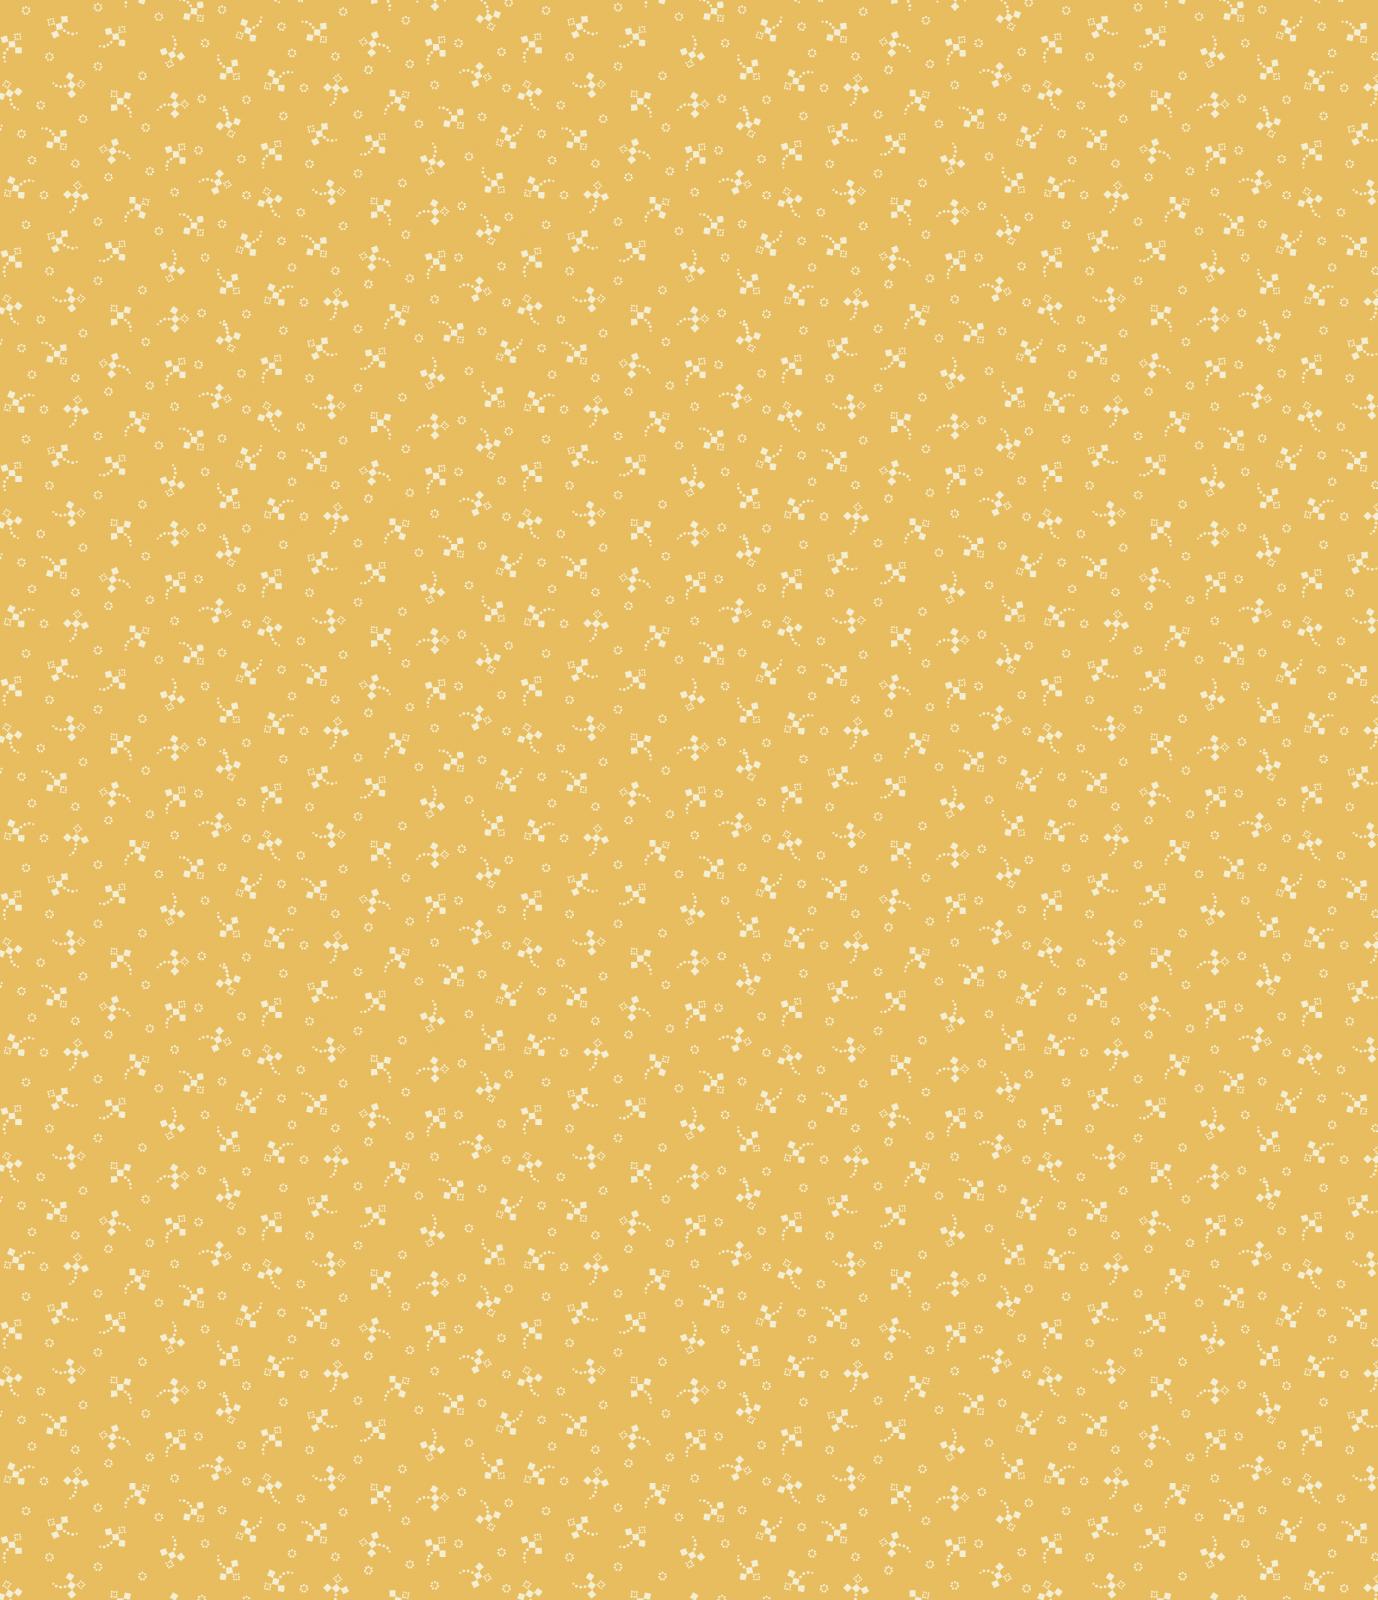 Garden Getaway Fabric 3 (0902 0133)